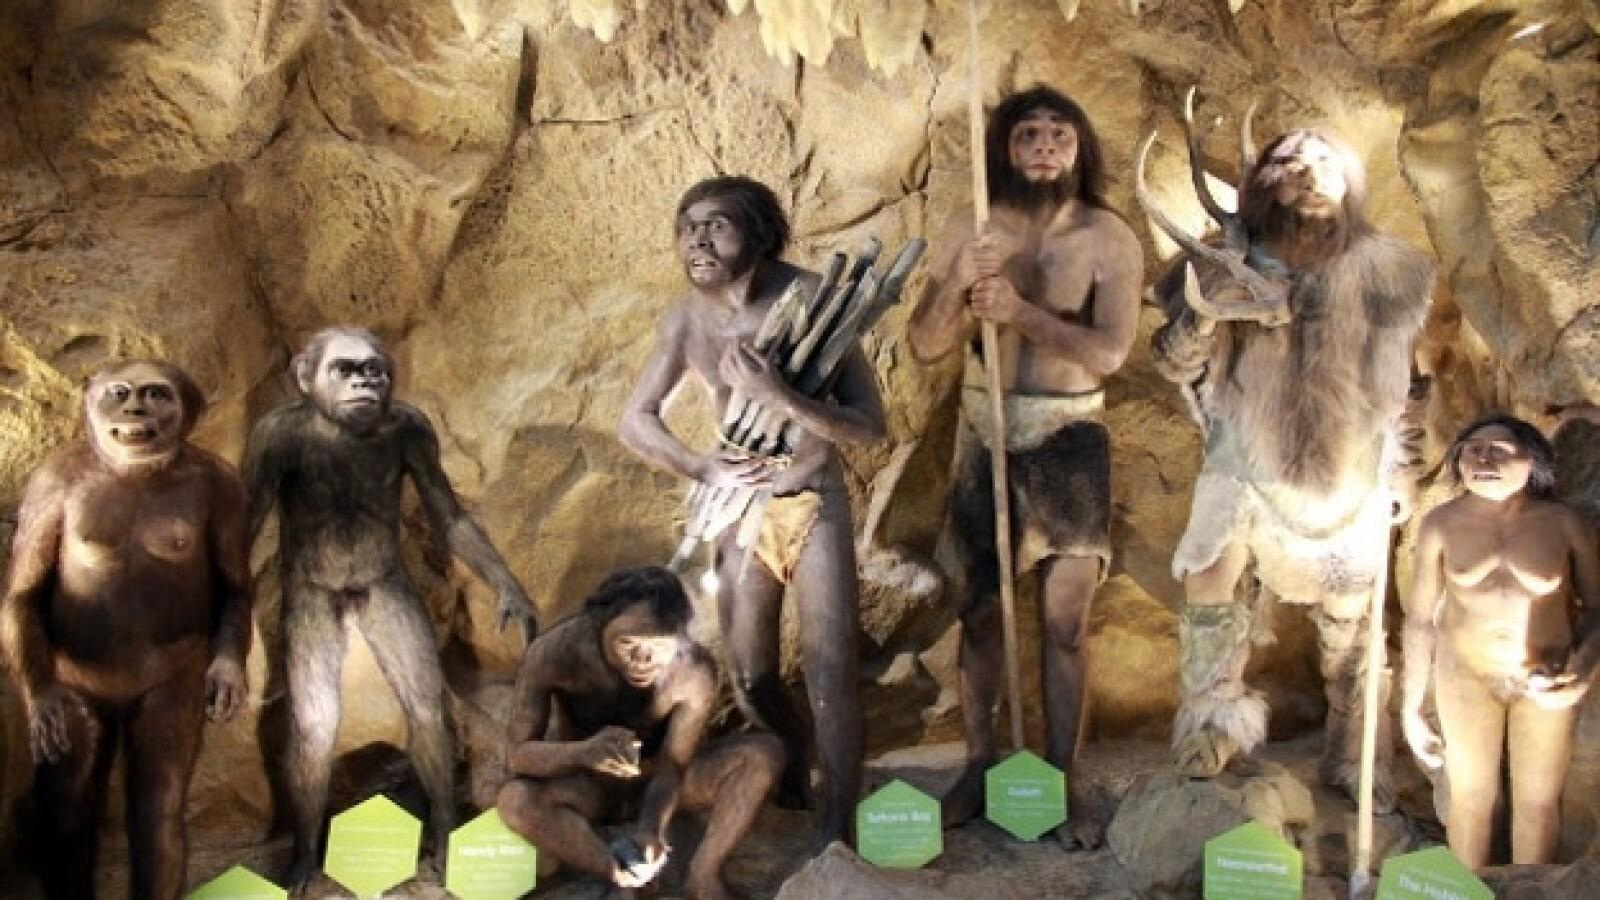 museo de ciencia filipinas hominidos